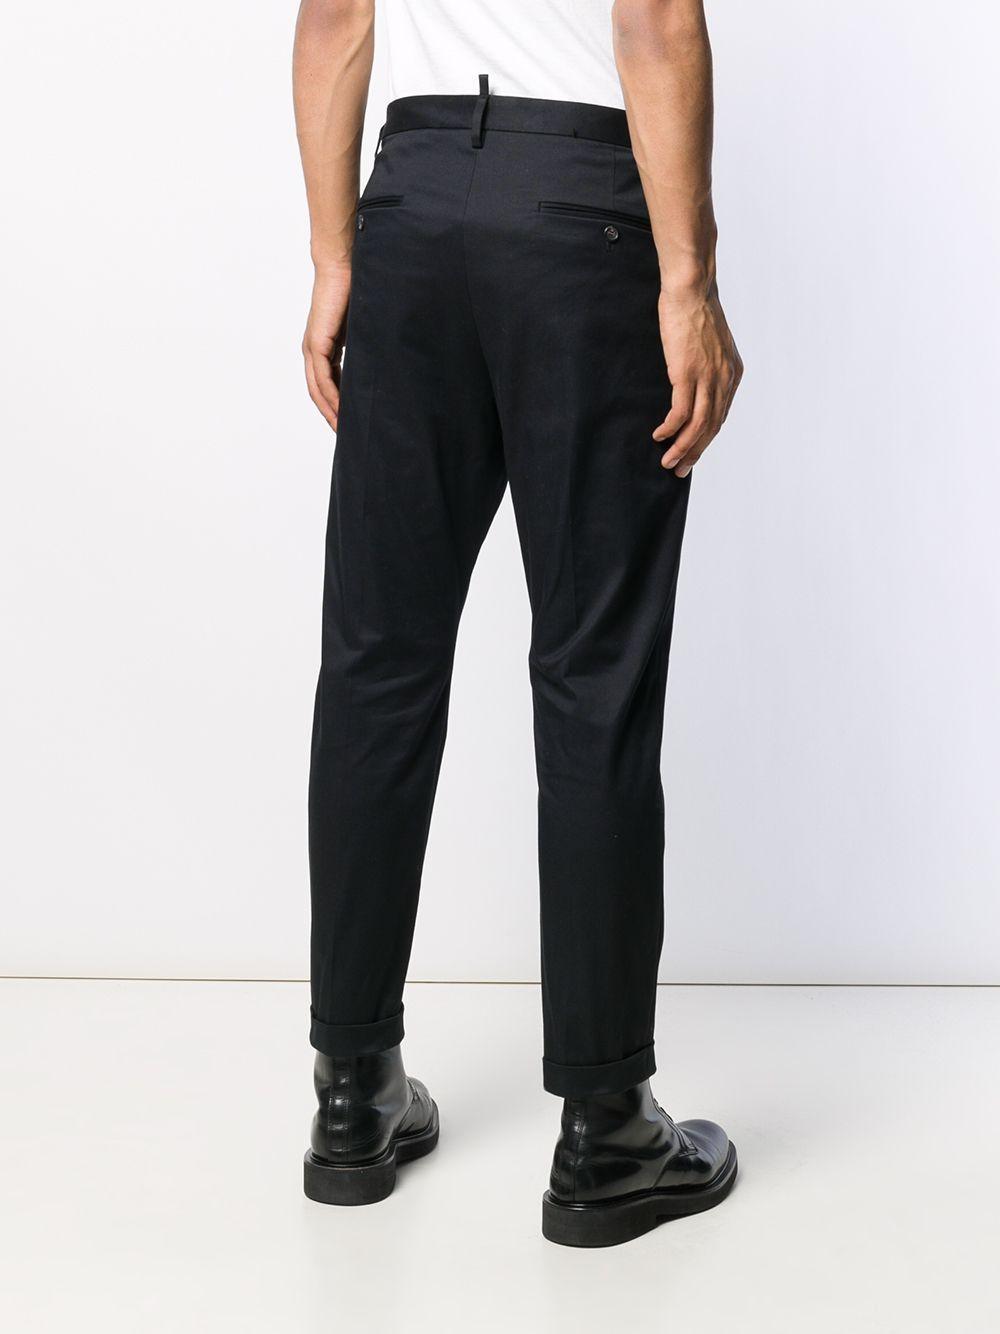 DSquared² Katoen Pantalon Met Contrasterende Taille in het Zwart voor heren